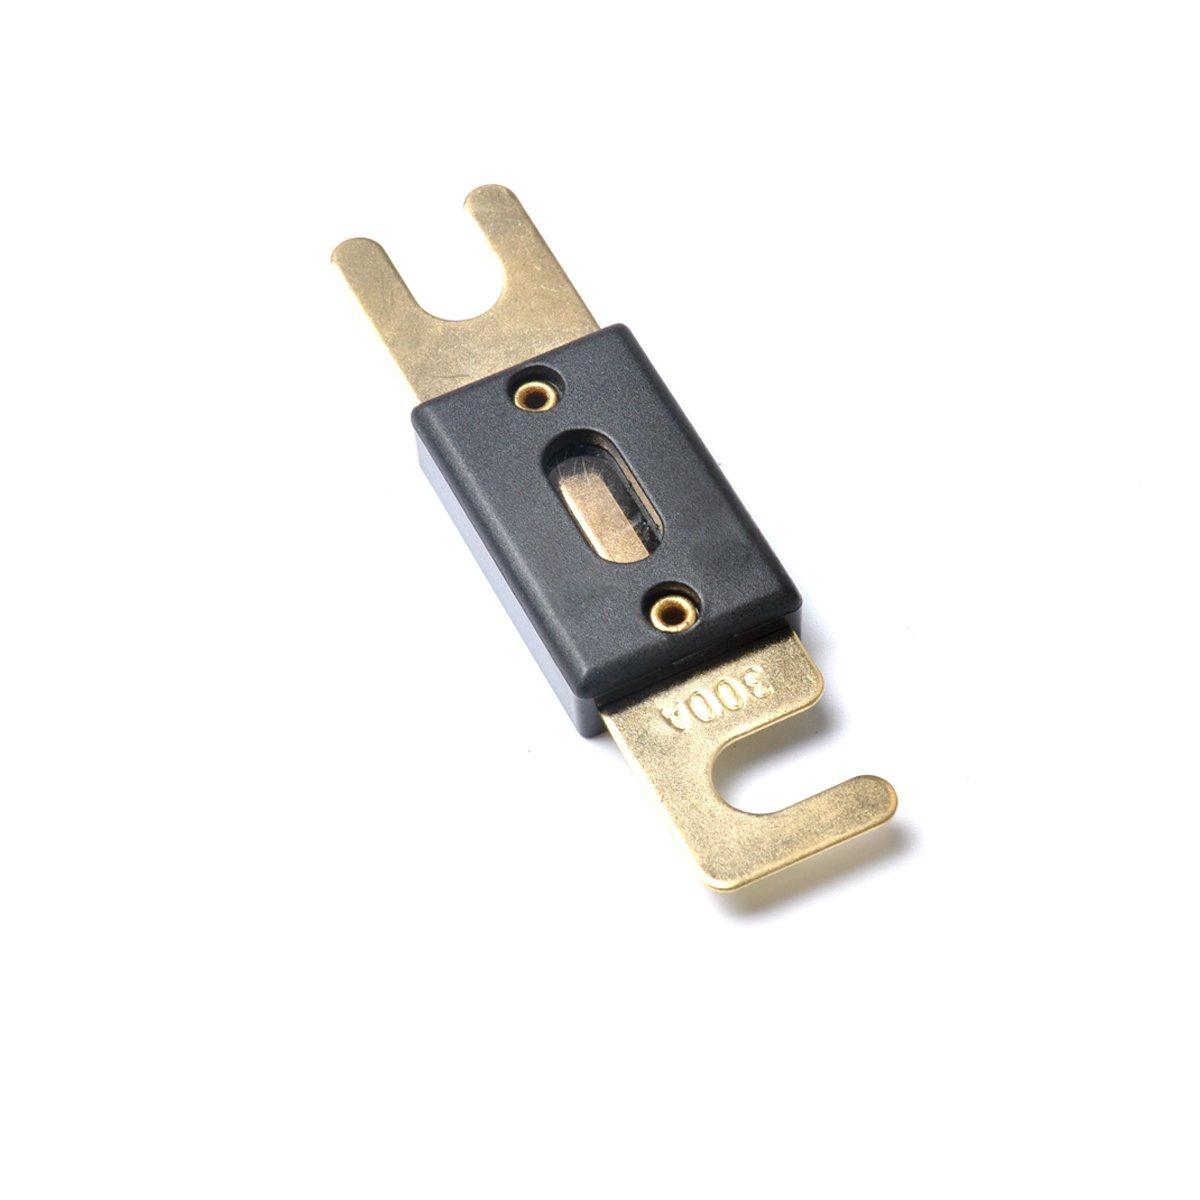 VORCOOL 5pcs de alta calidad ANL fusibles 300 Amp Gold plateado para camió n Camper Rv remolque 10X25BY26XN80AZ